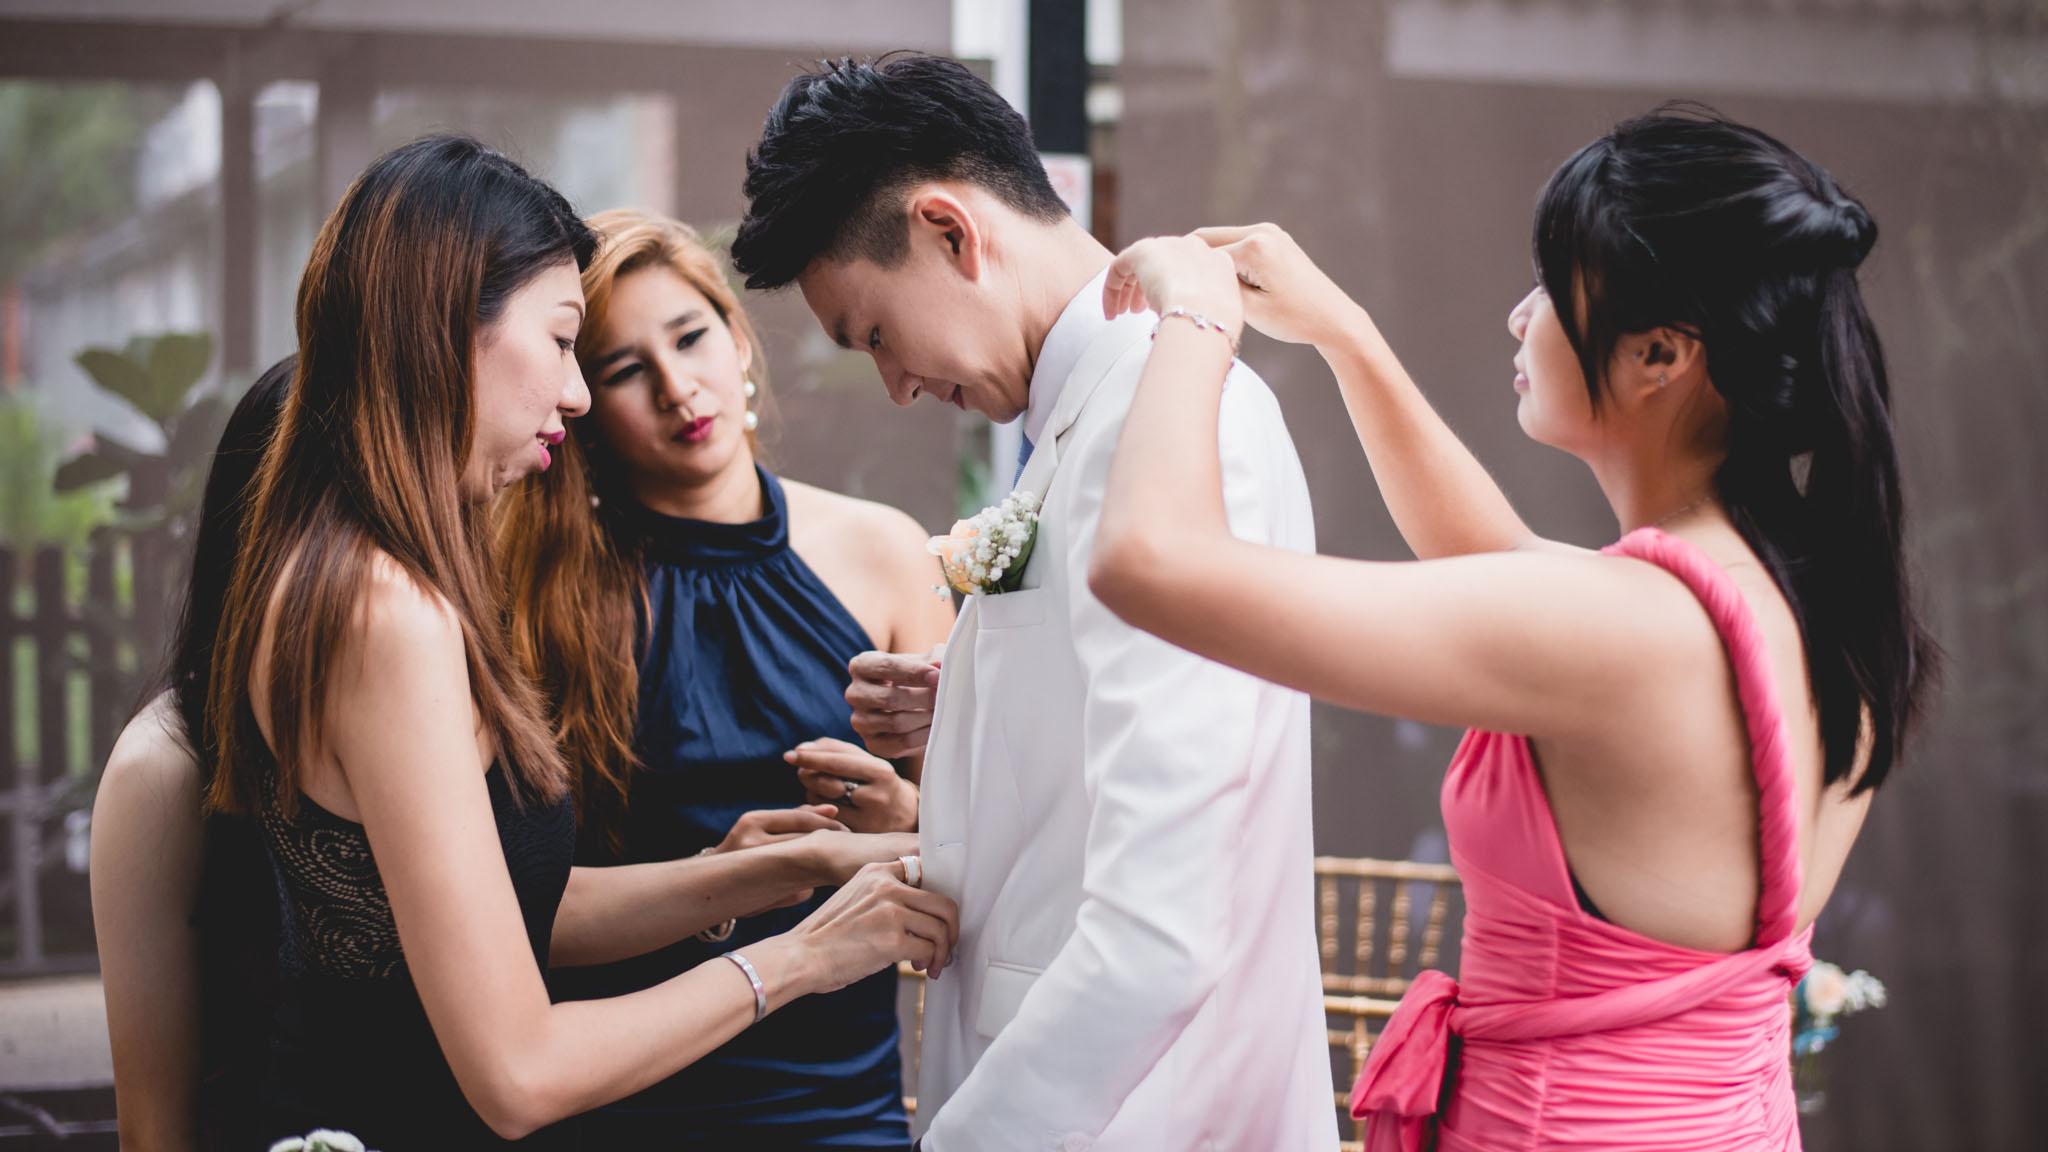 Wedding skyve 23.JPG